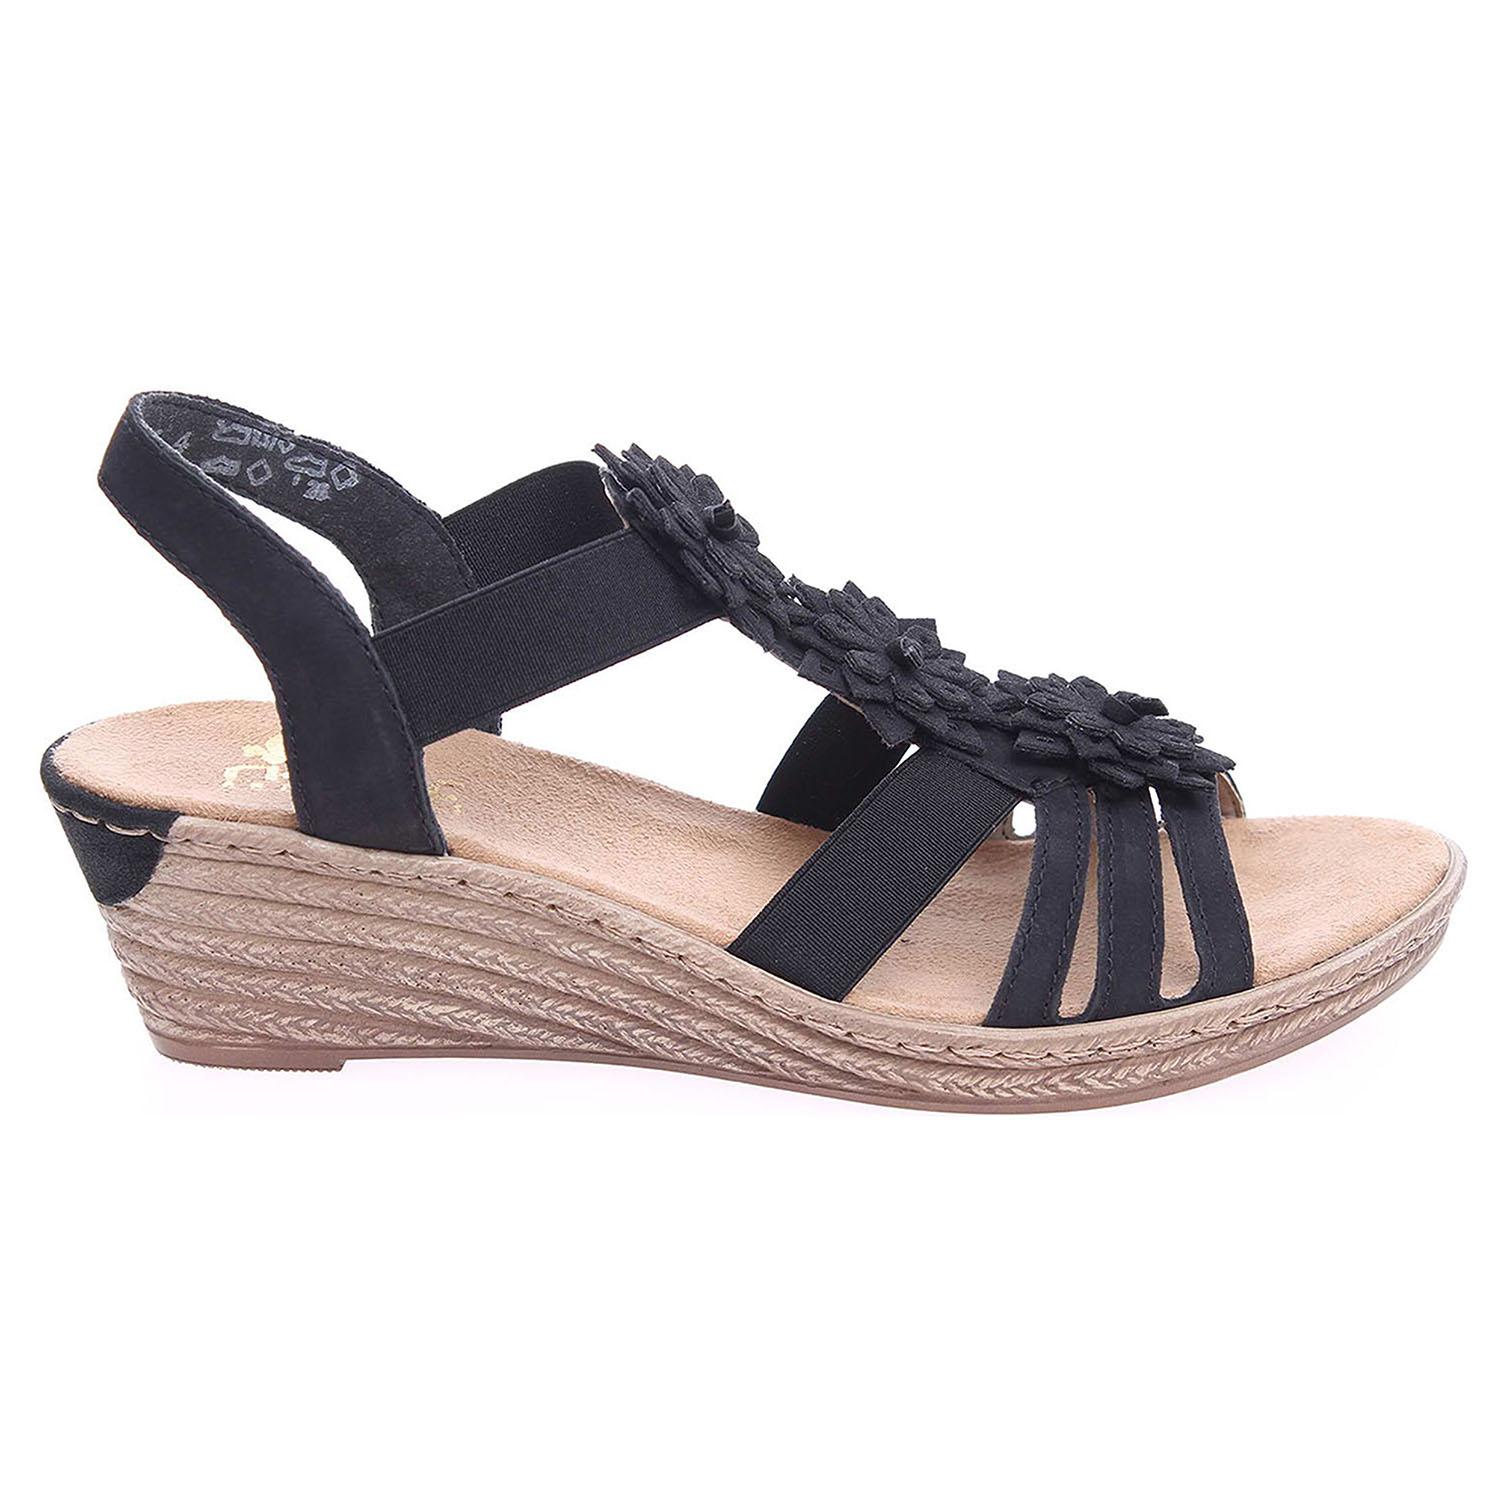 Ecco Rieker dámské sandály 62461-00 černé 23801044